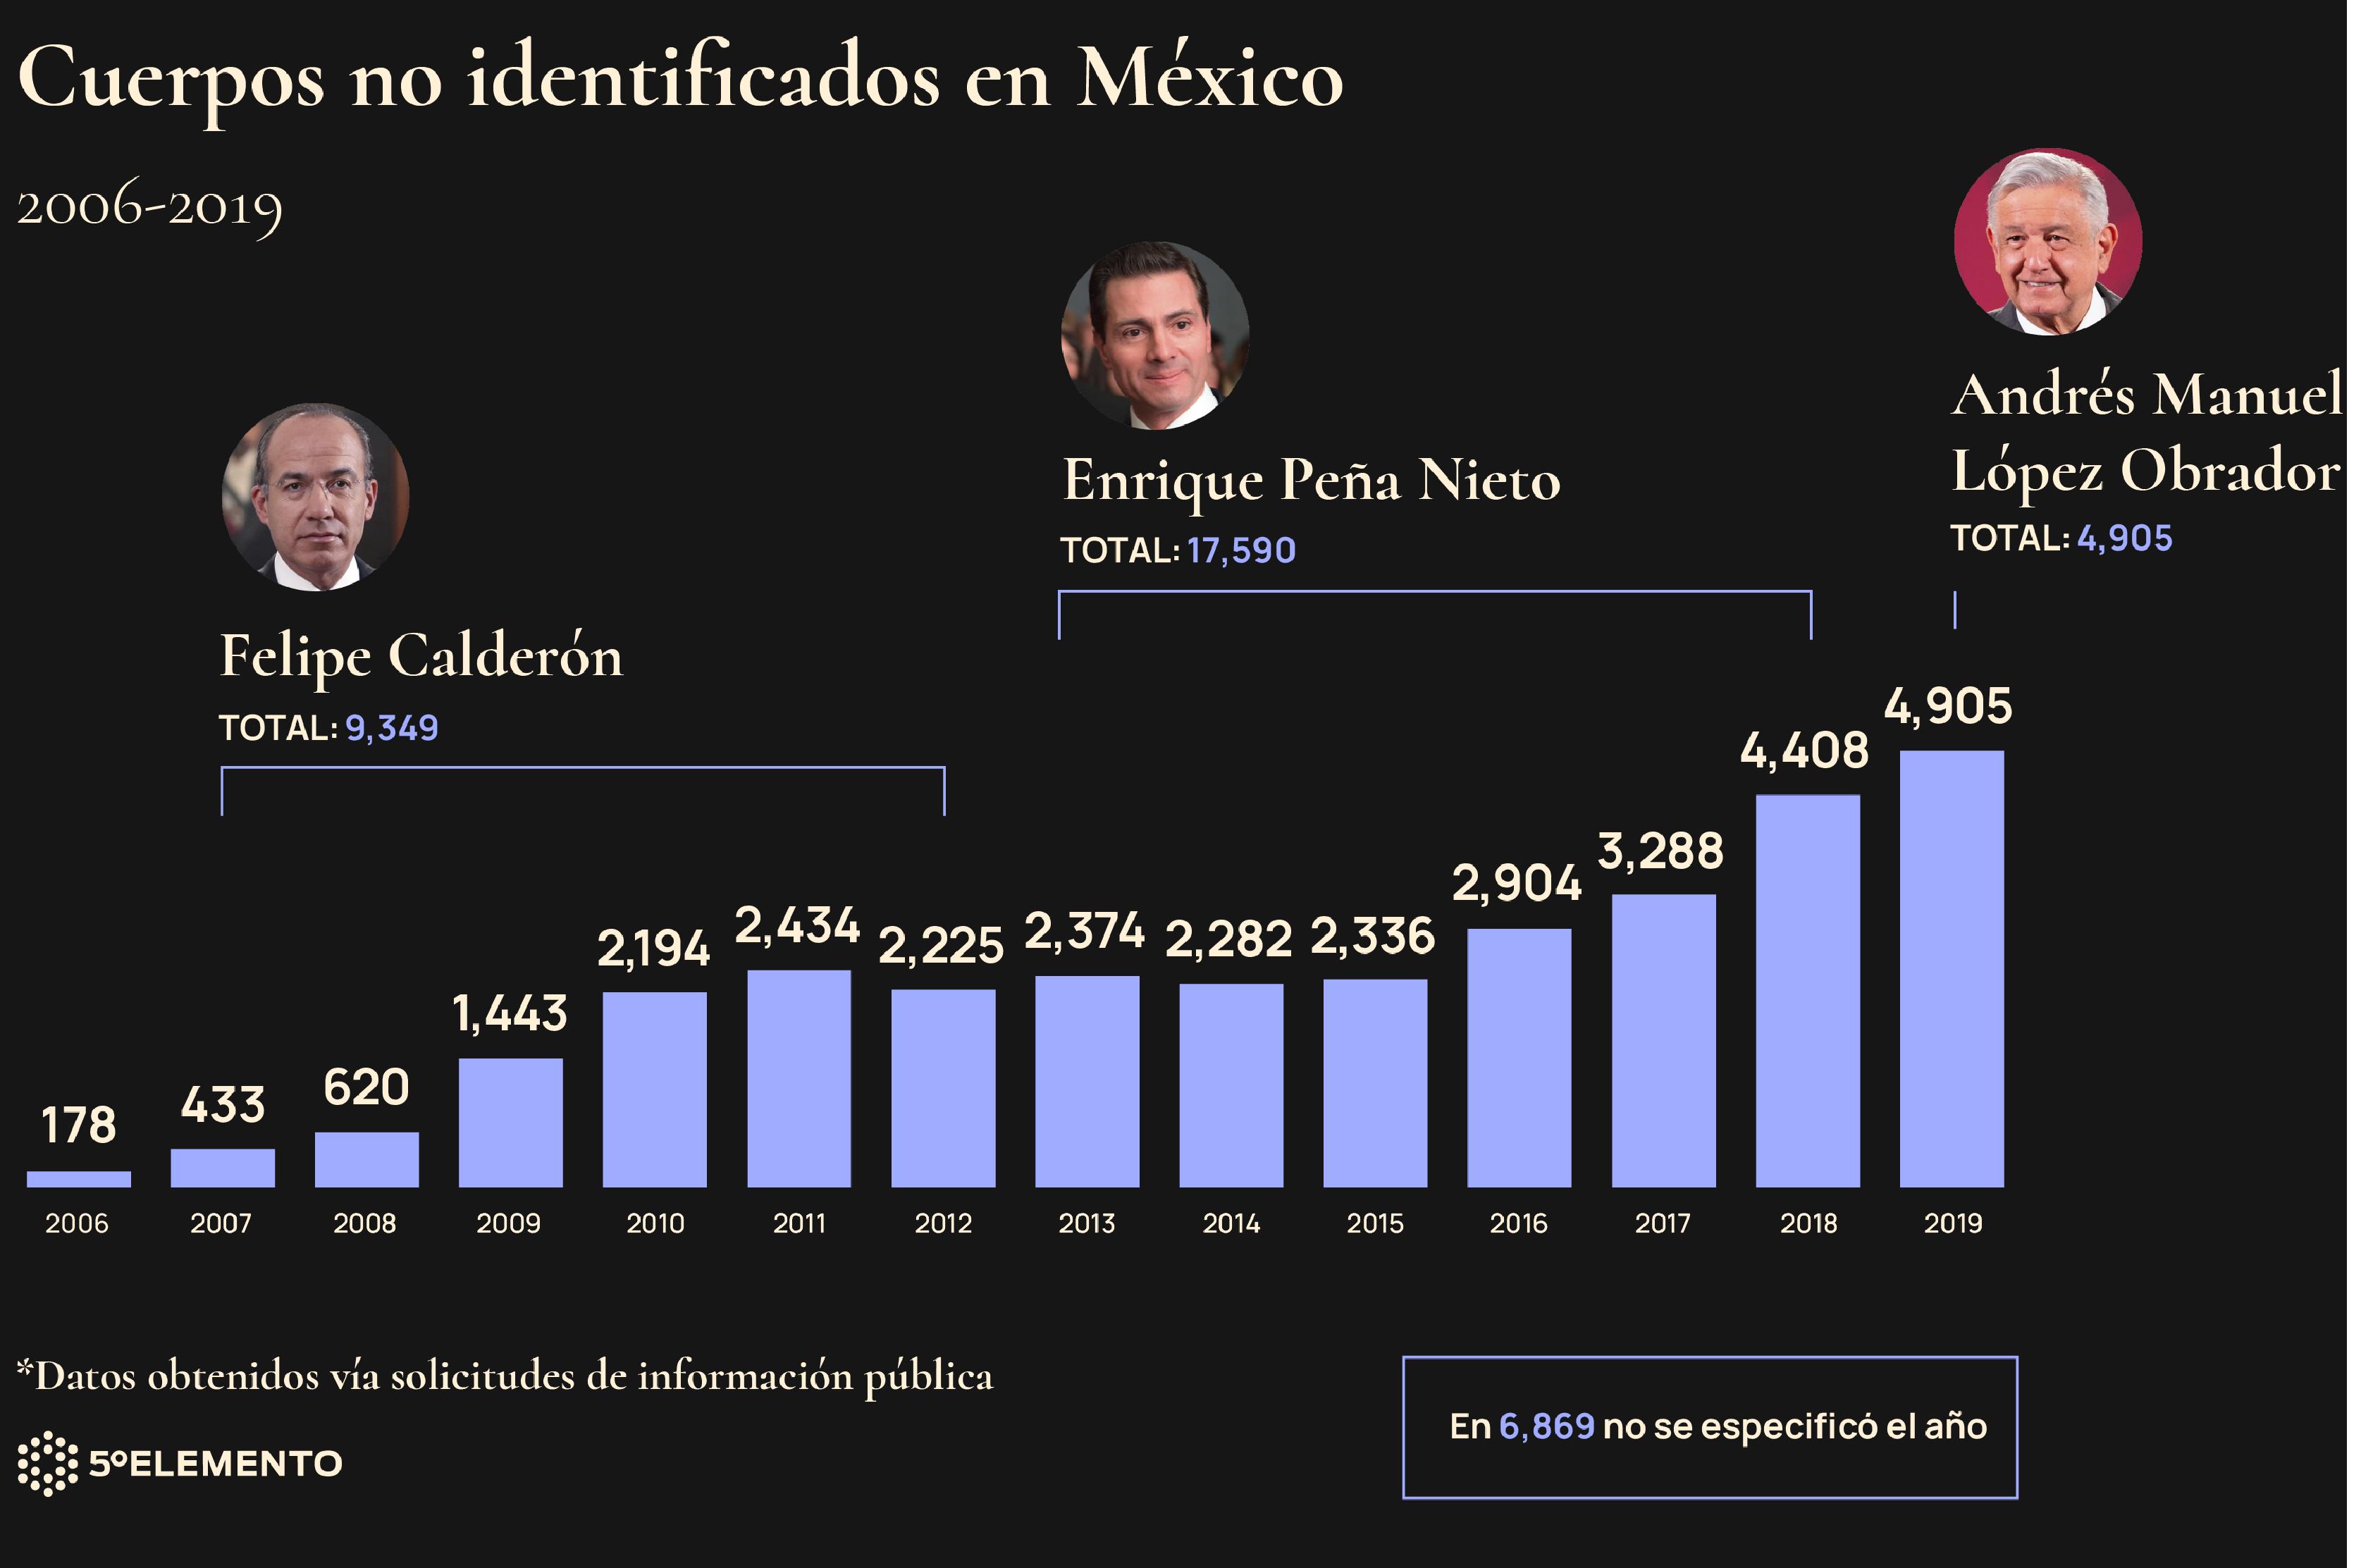 Gráfico 1. Cuerpos no identificados en México. Gráfico Omar Bobadilla